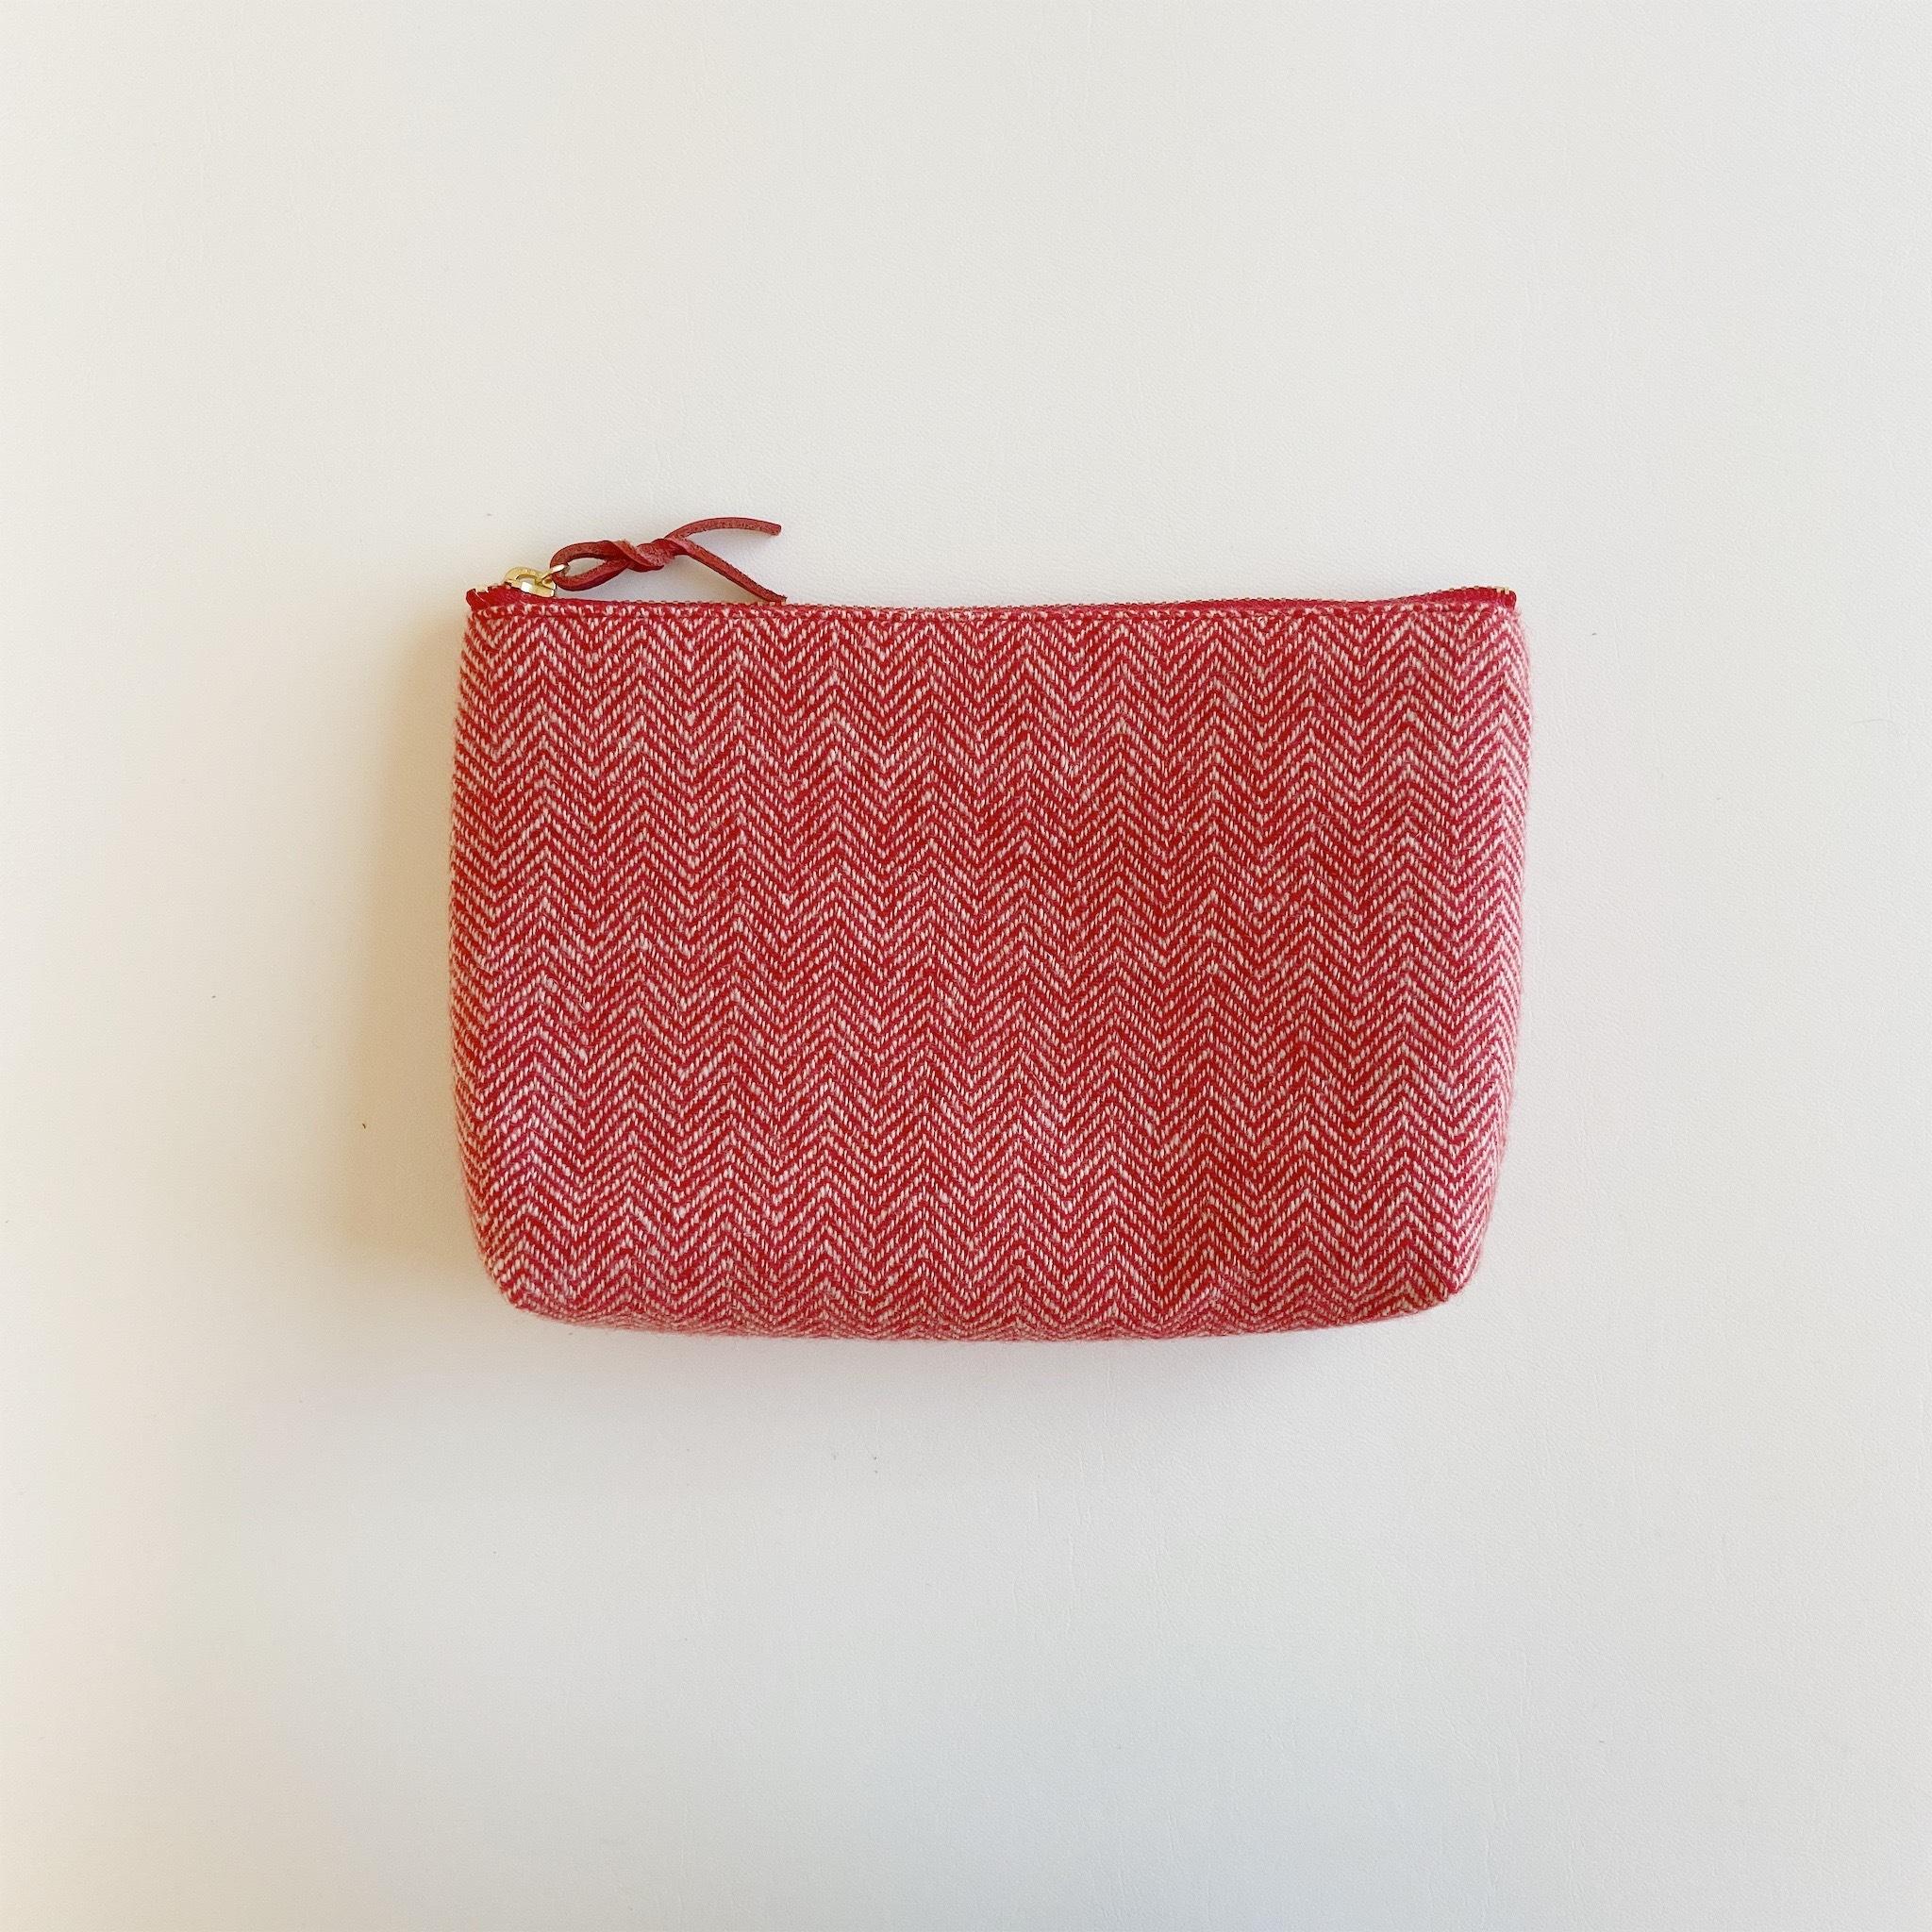 手織りメイクポーチ (Make up bag Cashmere red herringbone)